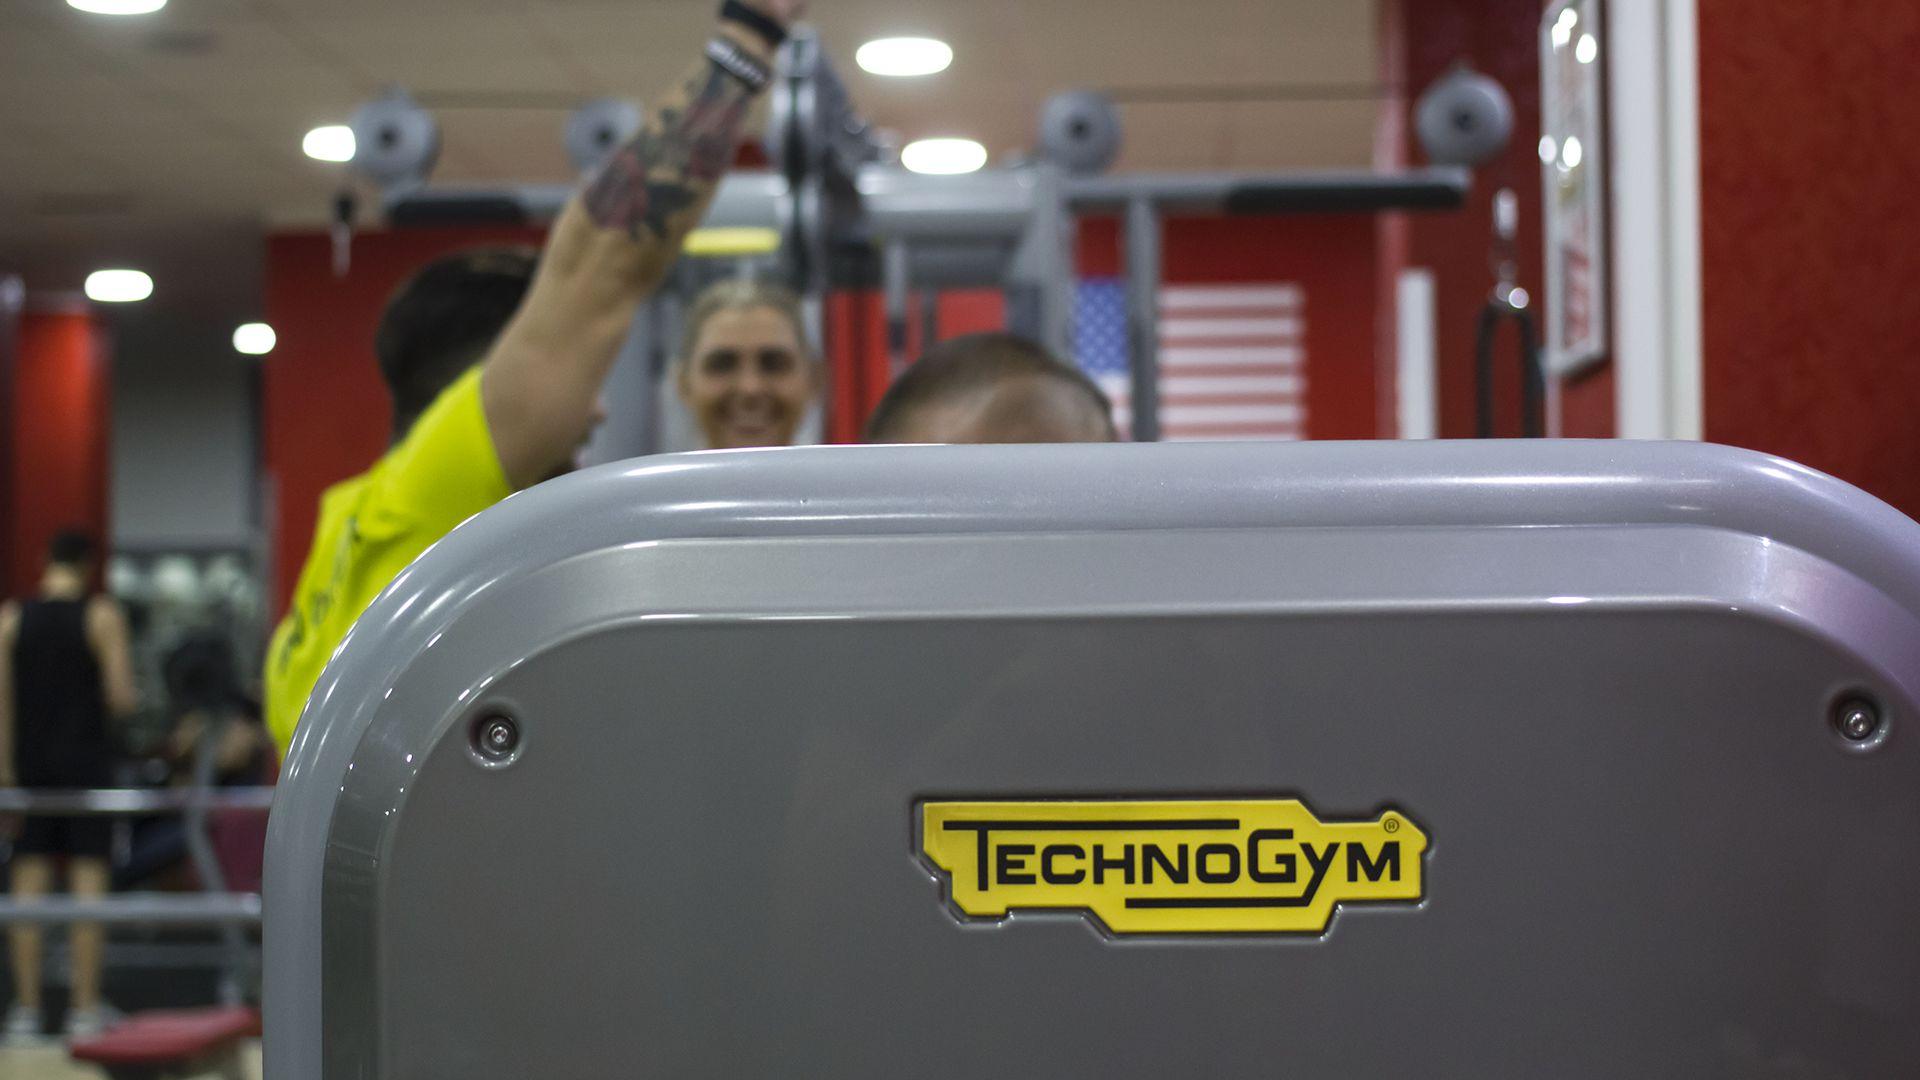 Personal Trainer e Attrezzatura Technogym Palestra Time Fitness Roma Quadraro